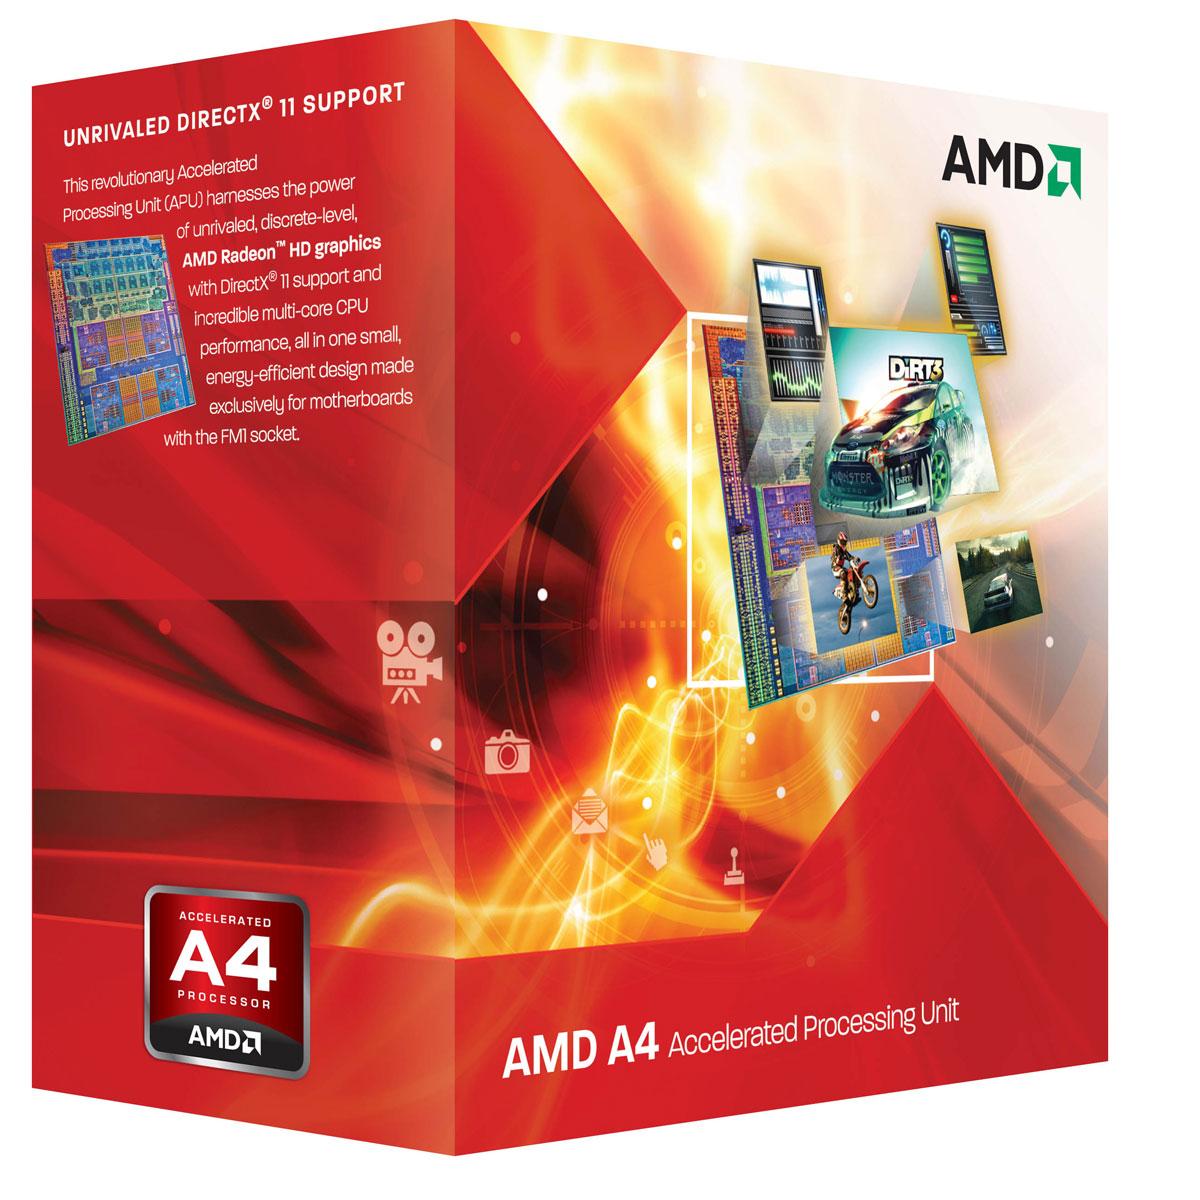 Processeur AMD A4-3300 (2.5 GHz) - Stepping B0 Processeur Dual Core socket FM1 Cache L2 1 Mo Radeon HD 6410D 0.032 micron (version boîte - garantie constructeur 3 ans)